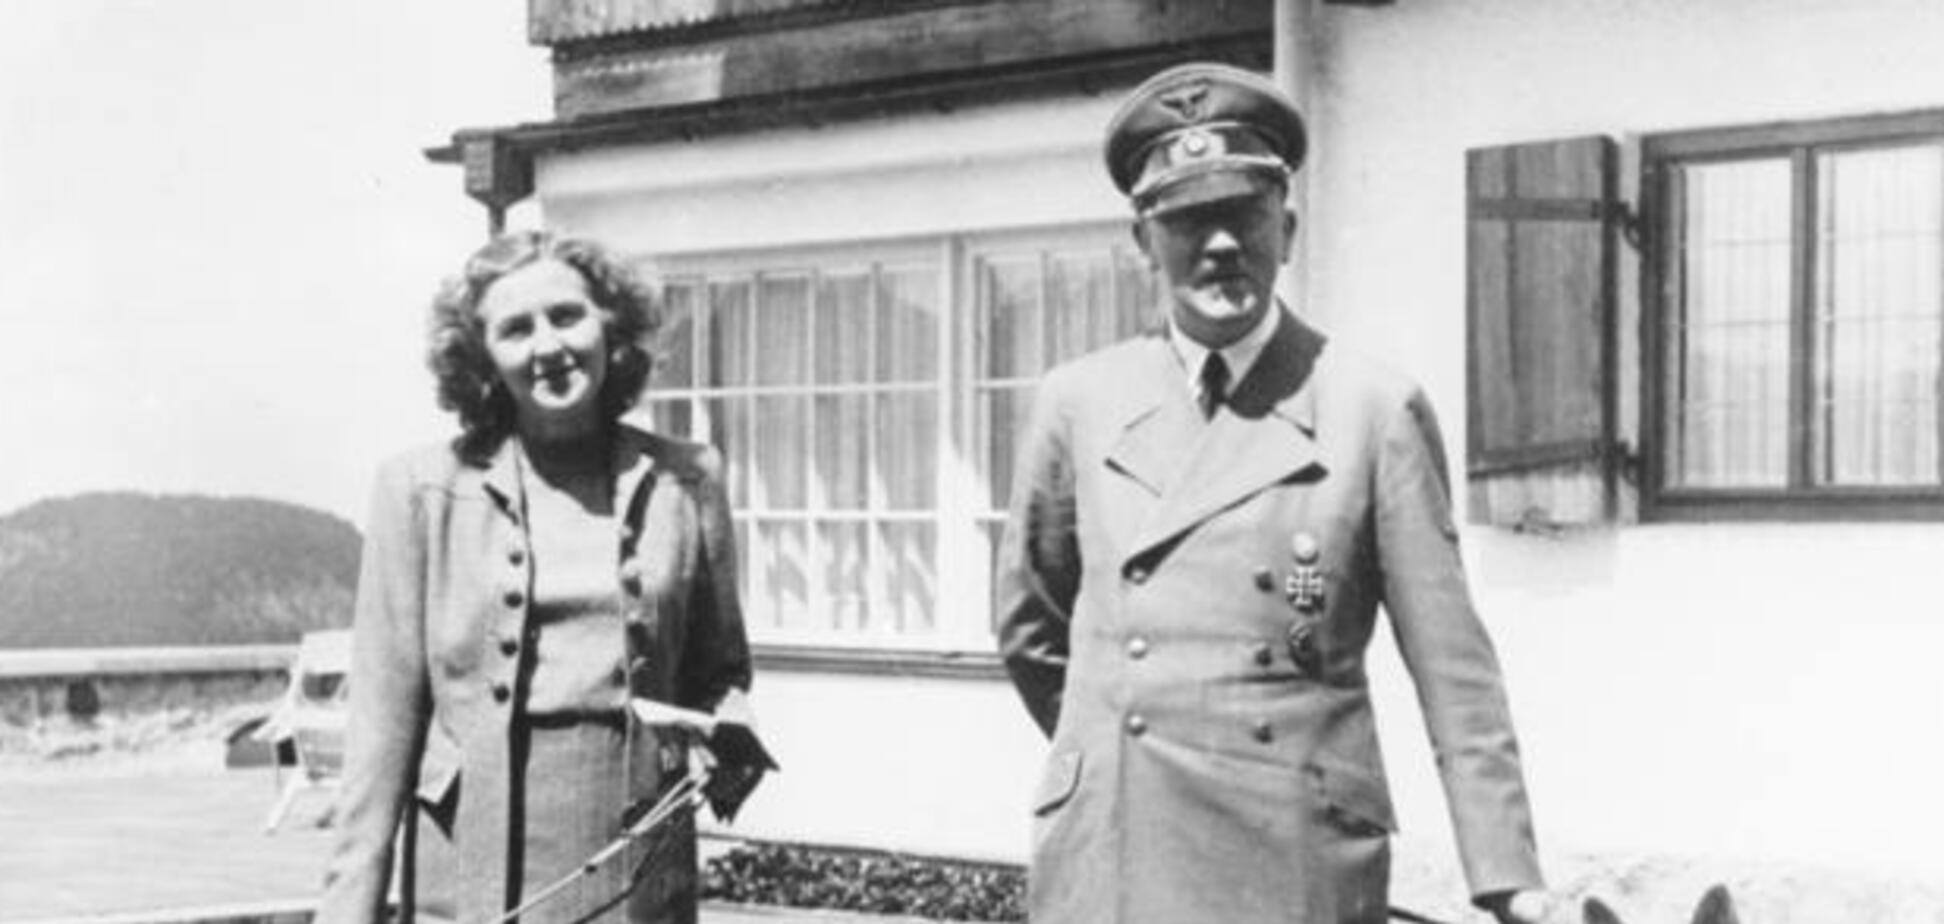 Измены и попытки самоубийства: каким был роковой брак Гитлера и Евы Браун